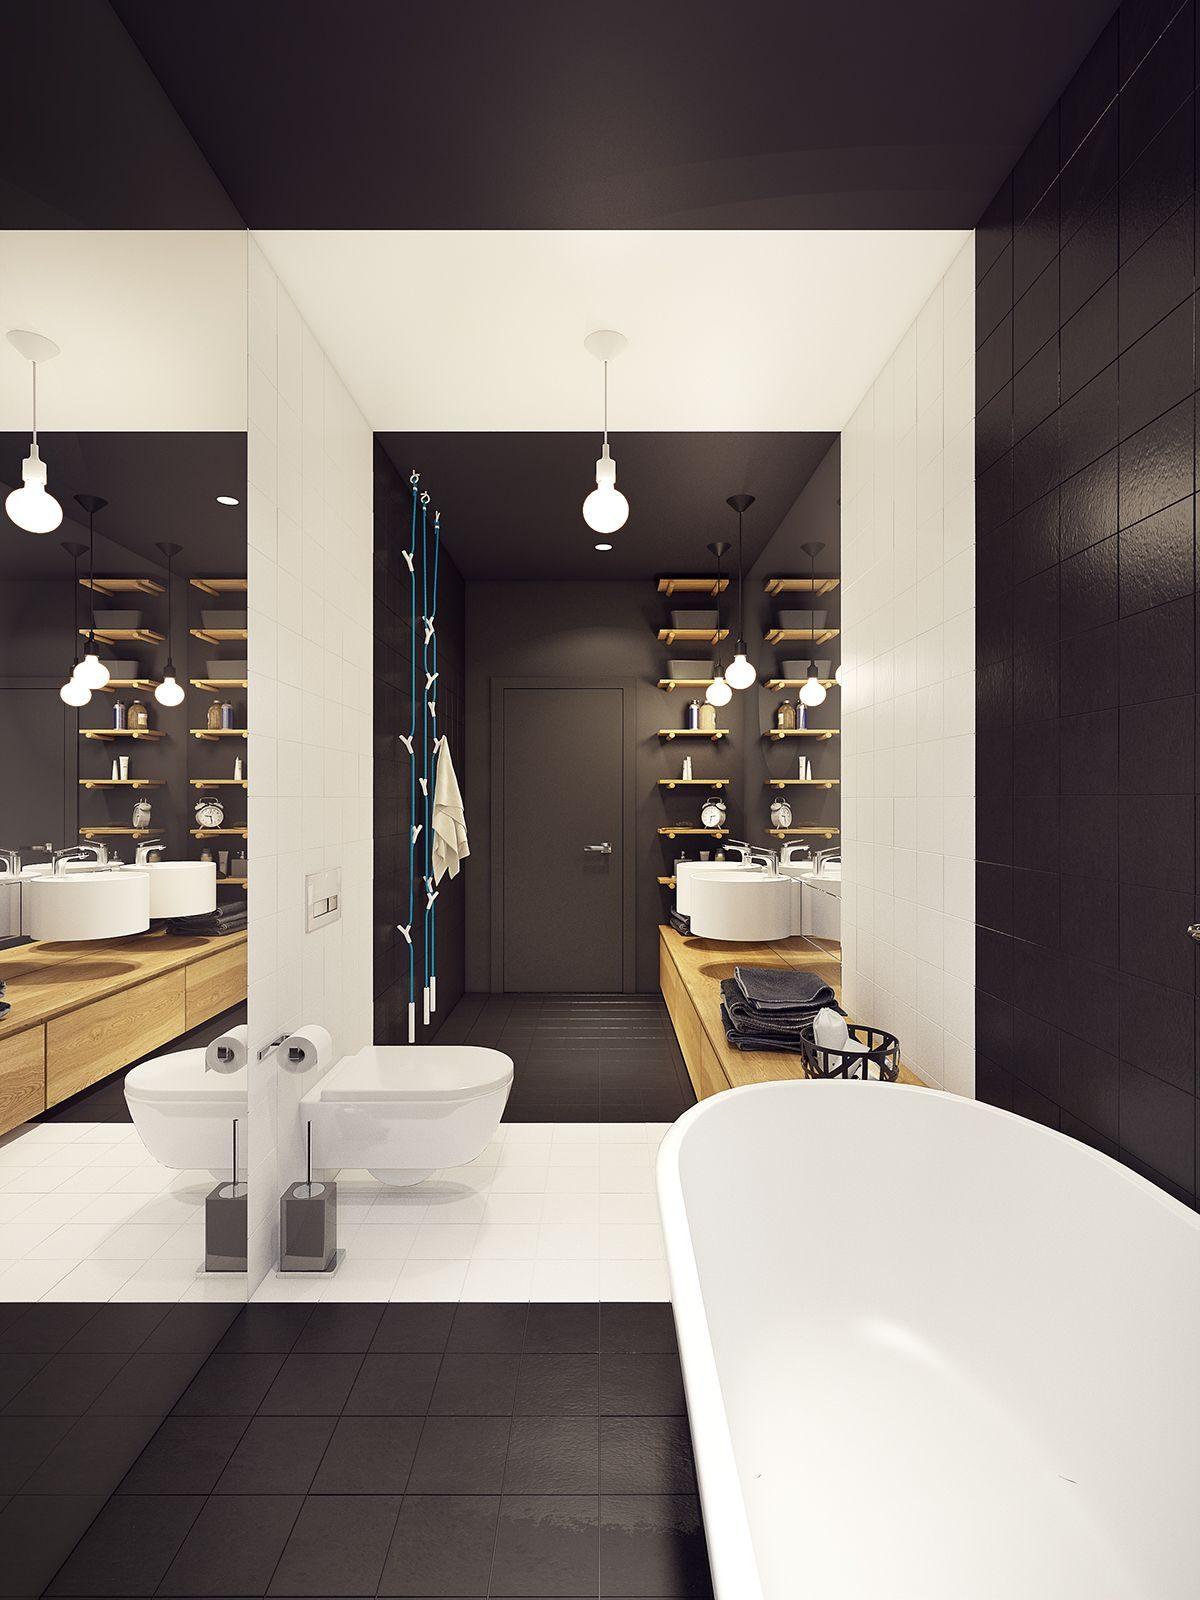 bold black and white bathroom Căn hộ hiện đại tuyệt đẹp với thiết kế đầy màu sắc qpdesign